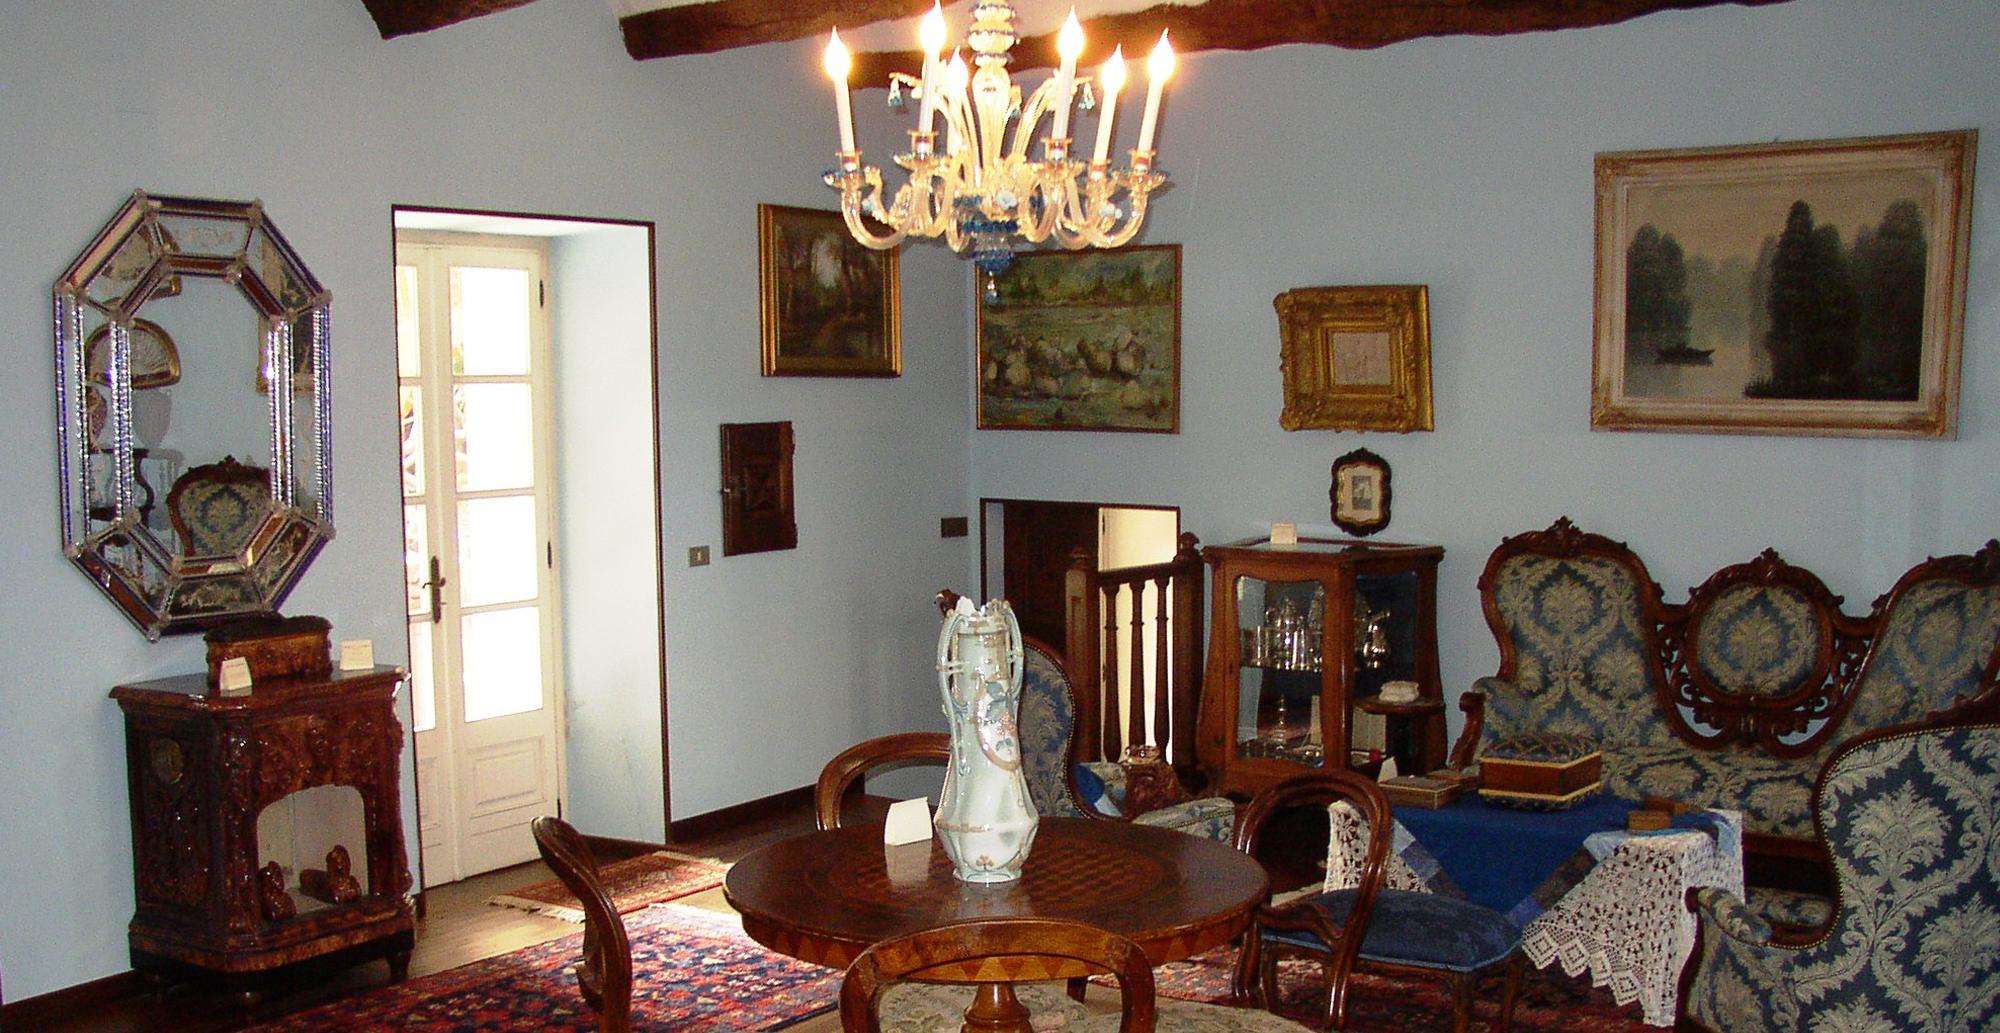 sala azzurra casa museo famiglia allaira